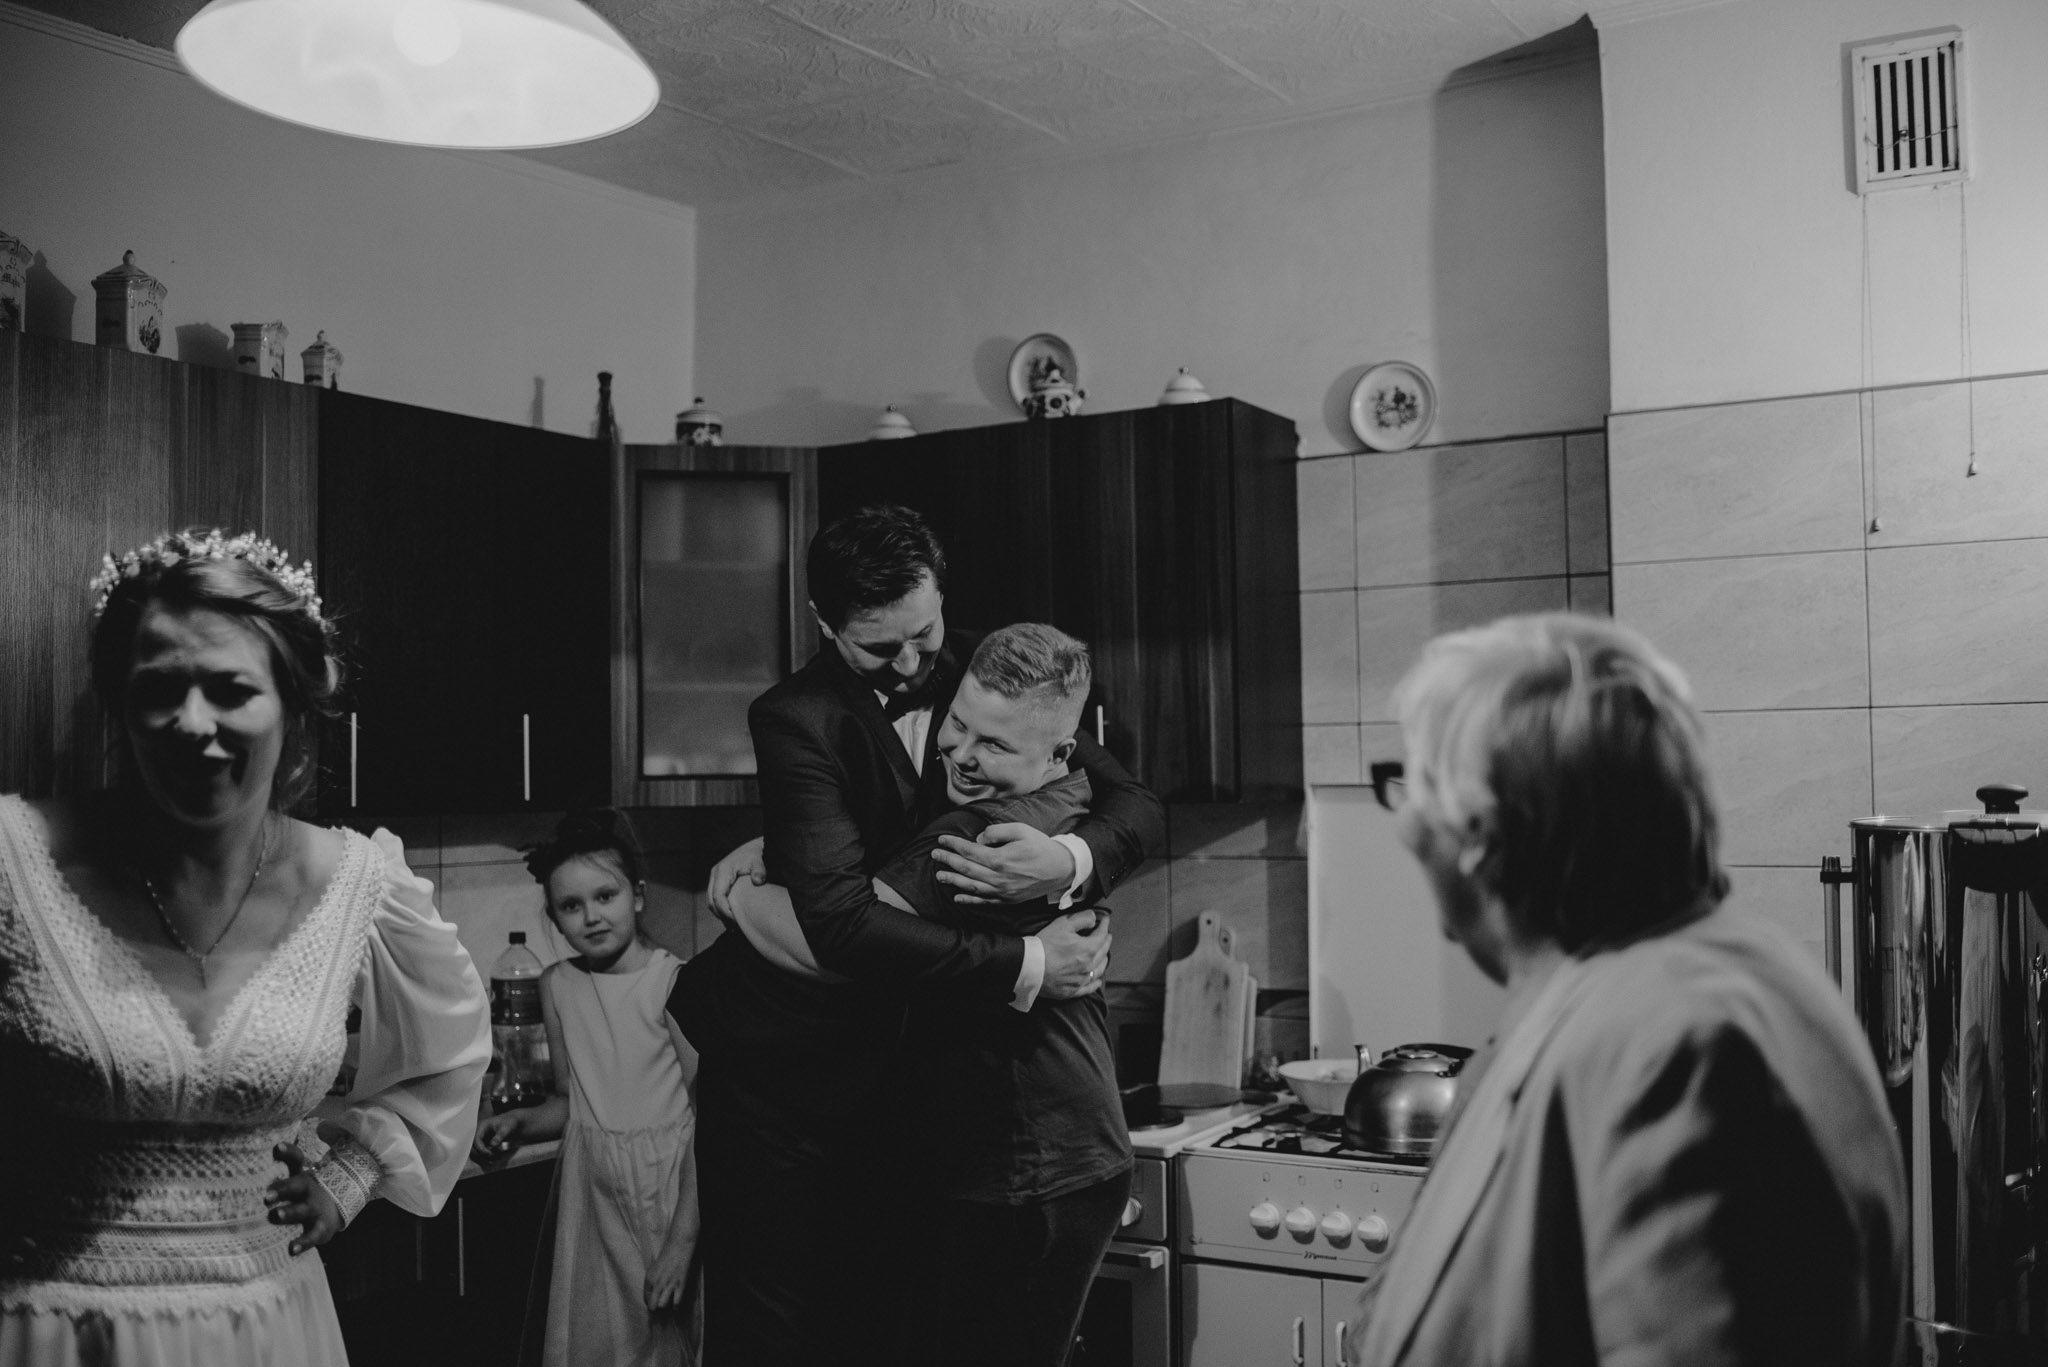 Impreza ślubna przeniosła się do kuchni -sesja ślubna reportaż Żuczki Inowrocław